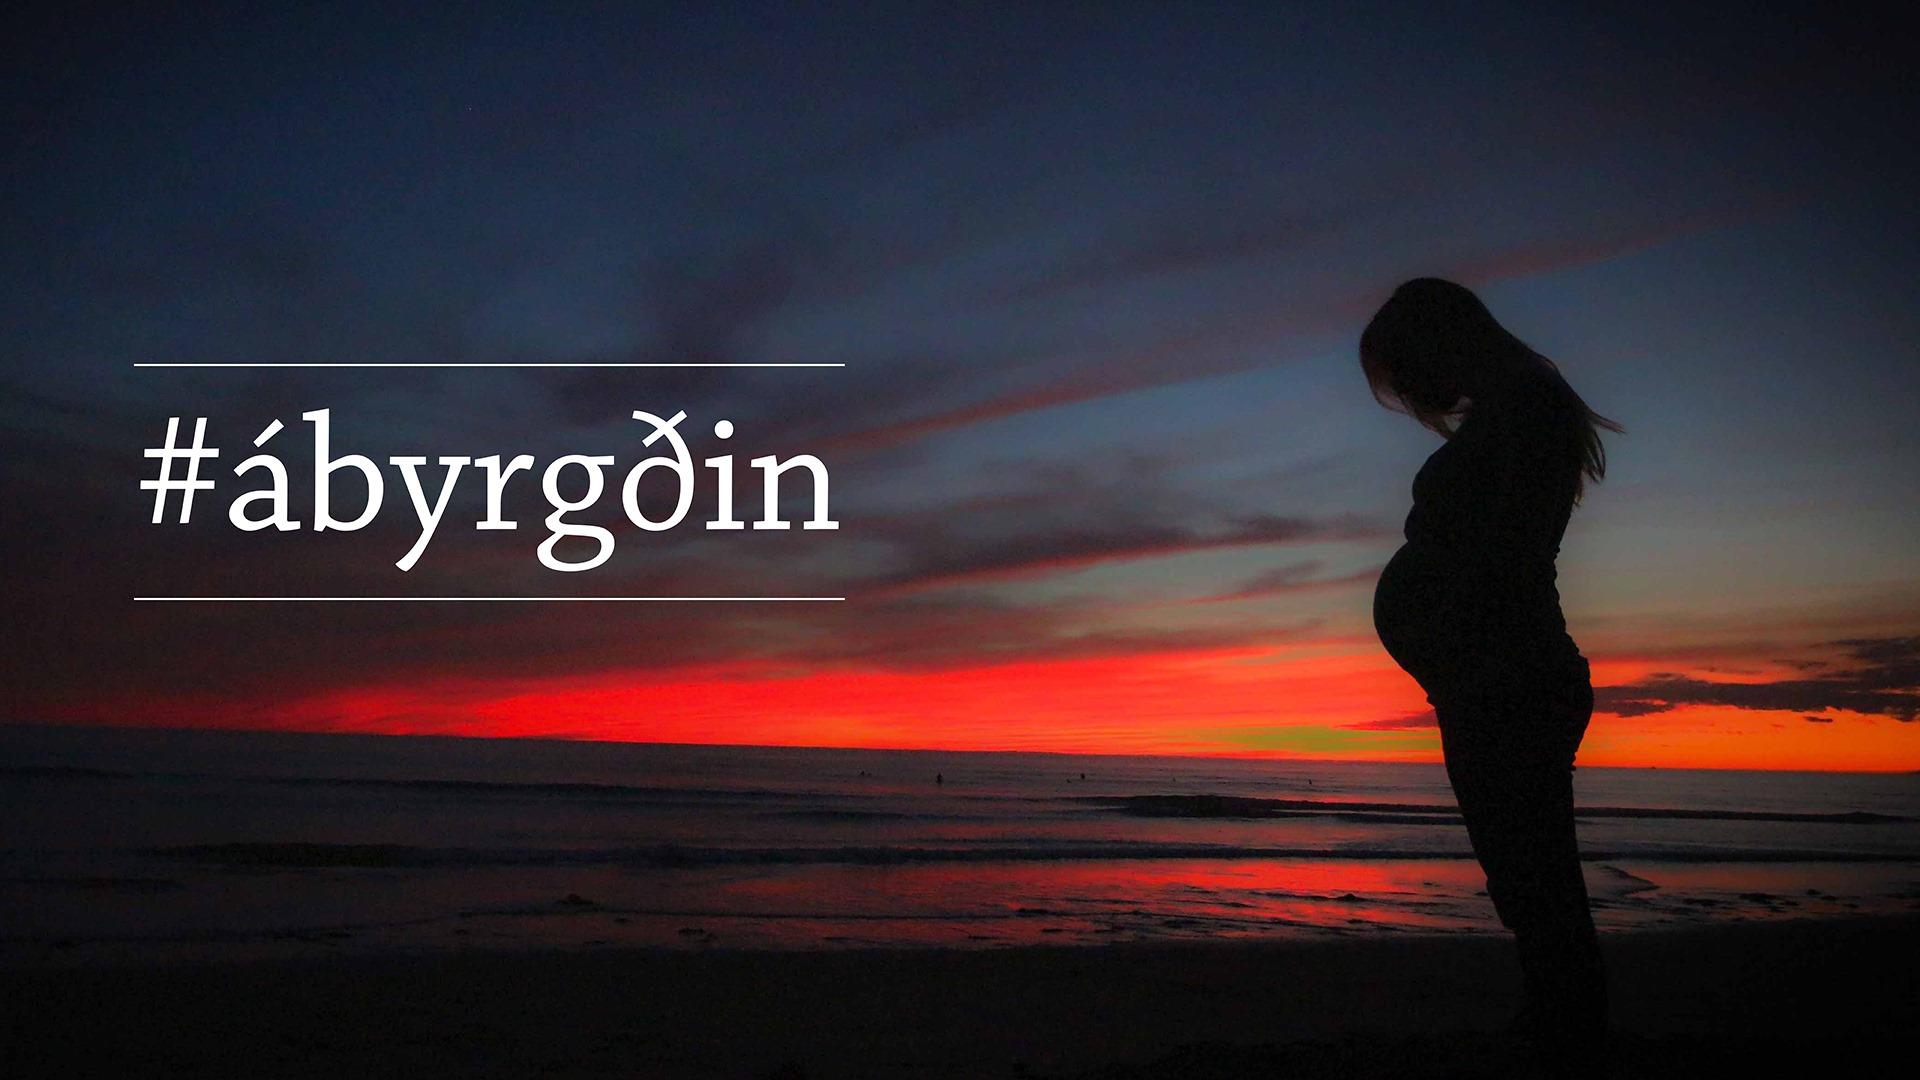 Herferðin #ábyrgðin fer af stað á morgun: Deila reynslu sinni af meðgöngu